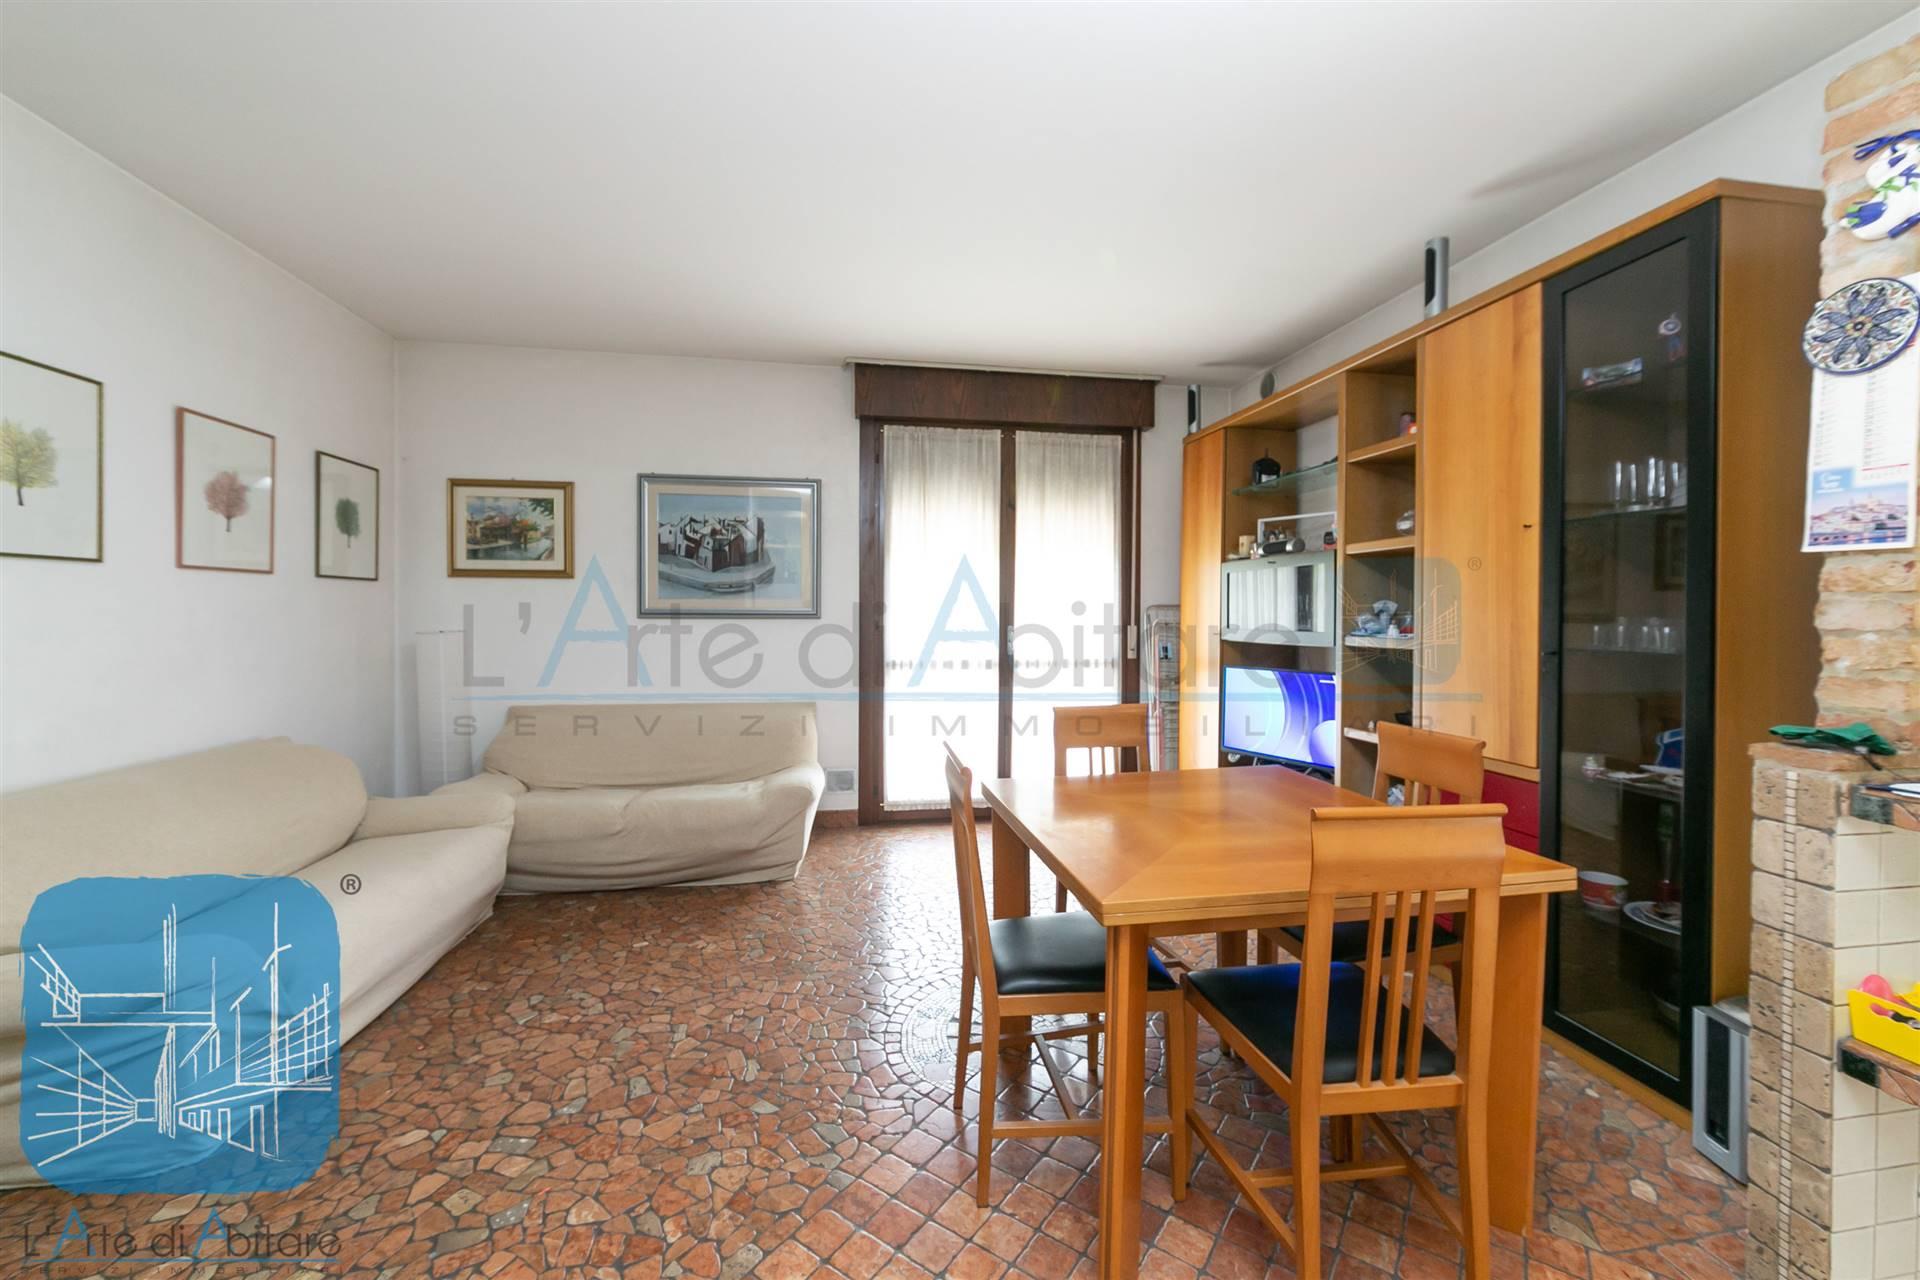 Appartamento in vendita a Venezia, 5 locali, zona Località: DESE, prezzo € 139.000   PortaleAgenzieImmobiliari.it